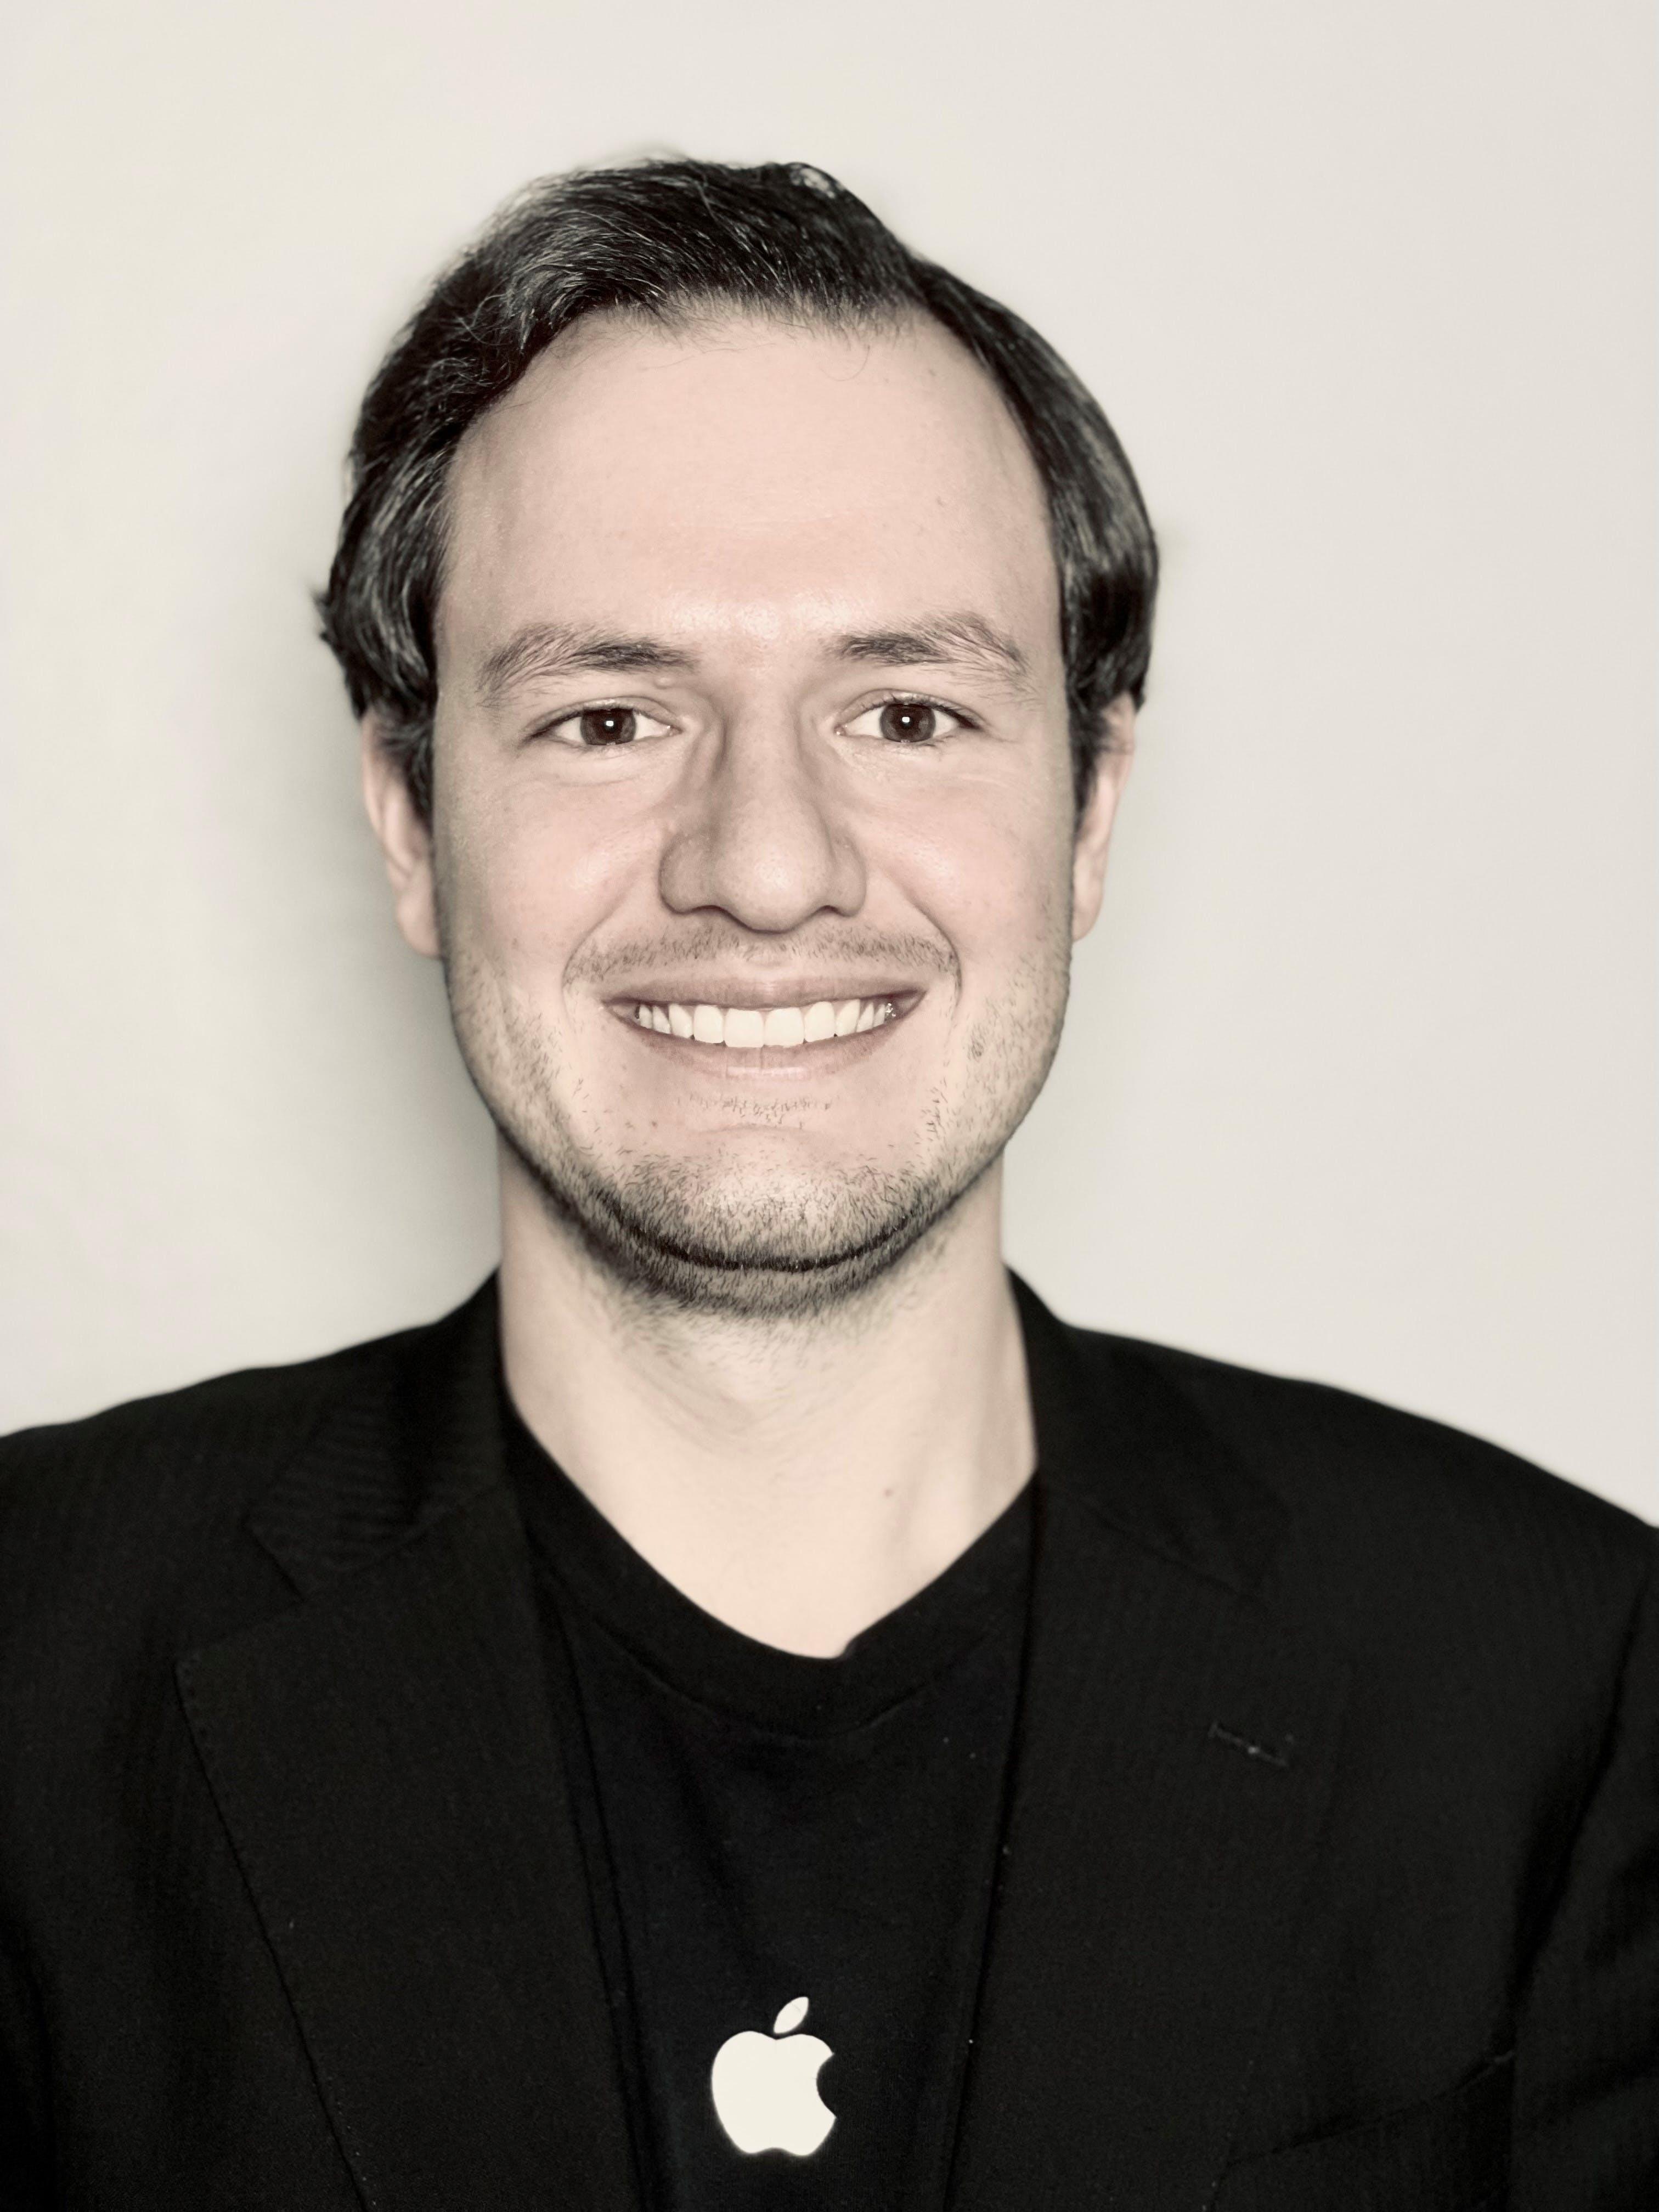 Simeon Bochev